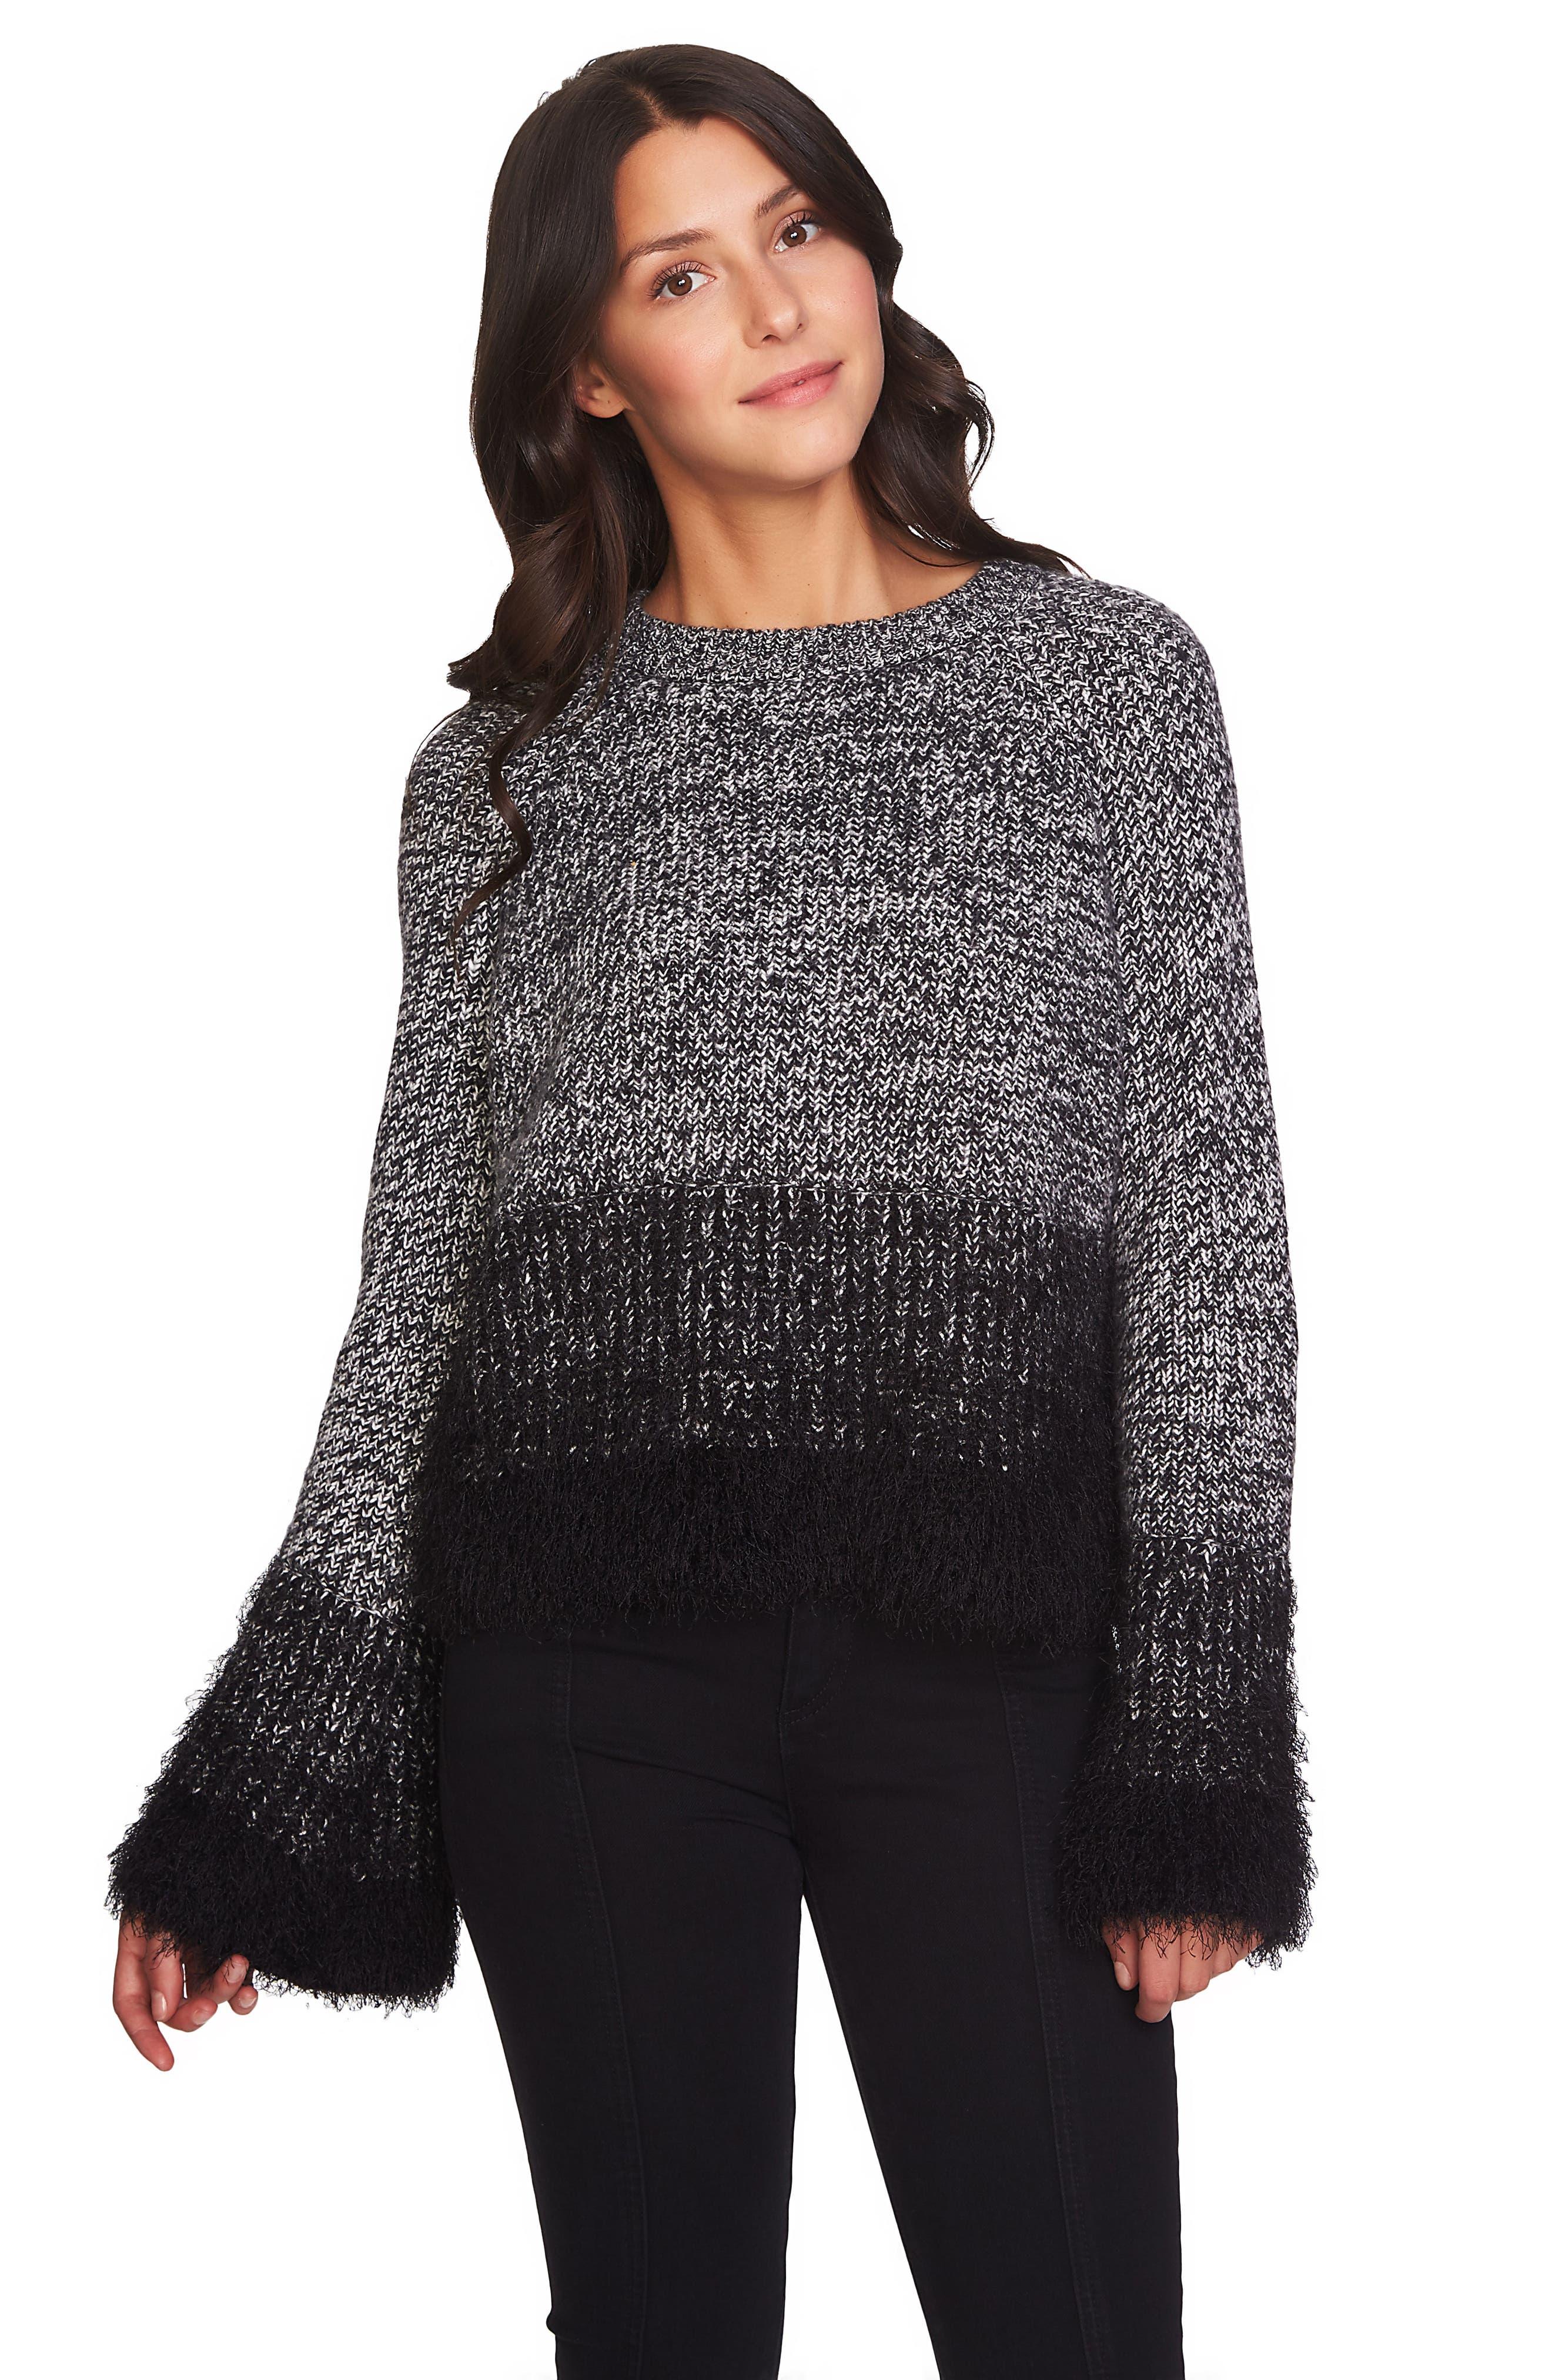 Eyelash Fringe Sweater,                             Alternate thumbnail 7, color,                             006